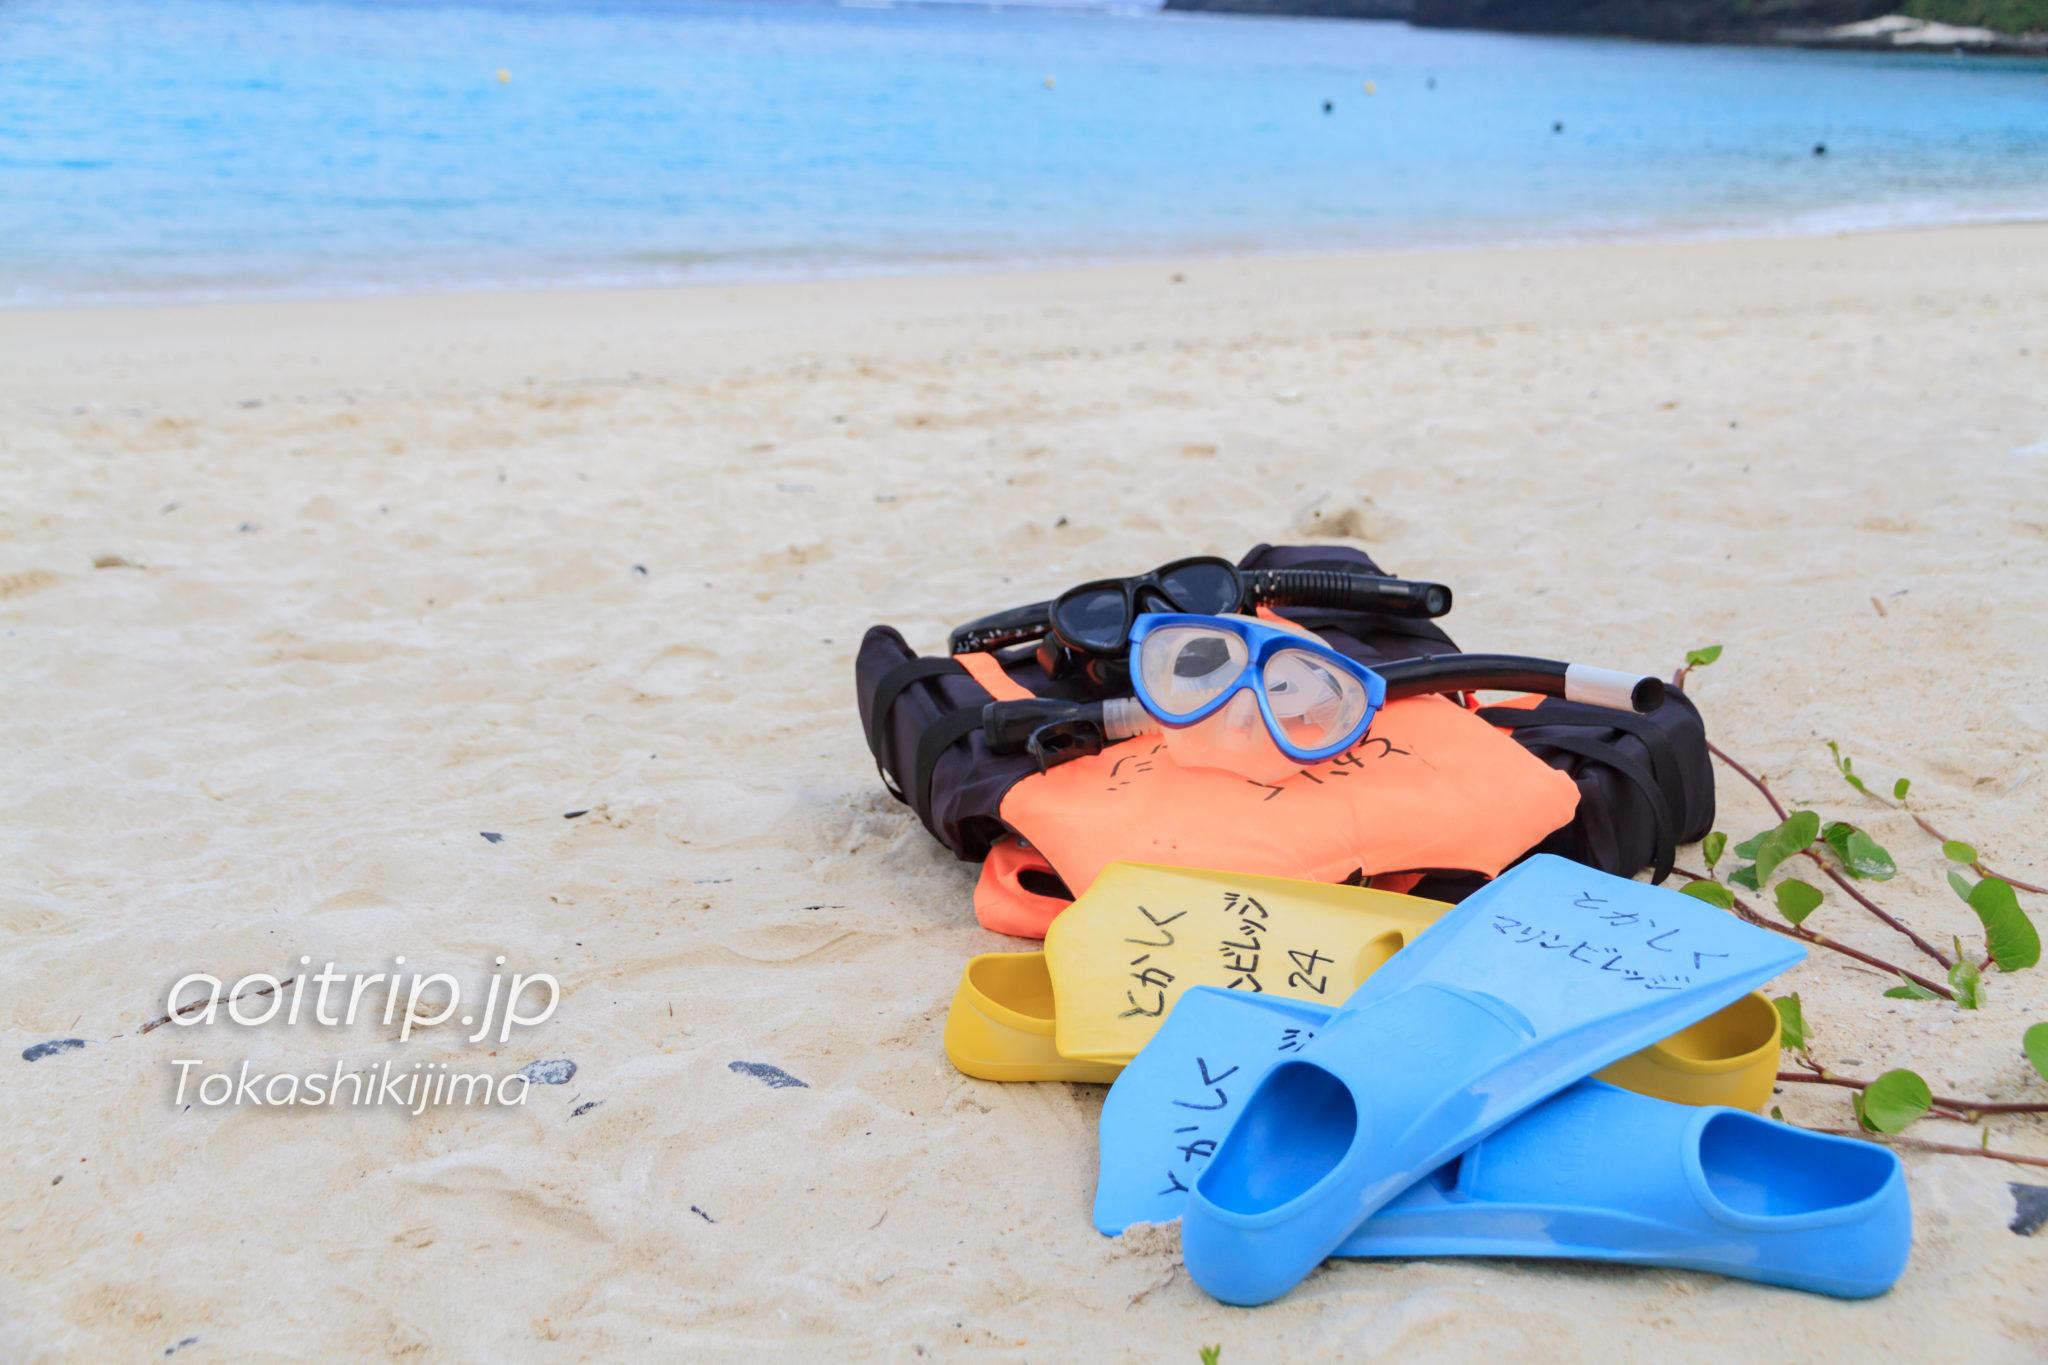 とかしくビーチのシュノーケリングセット